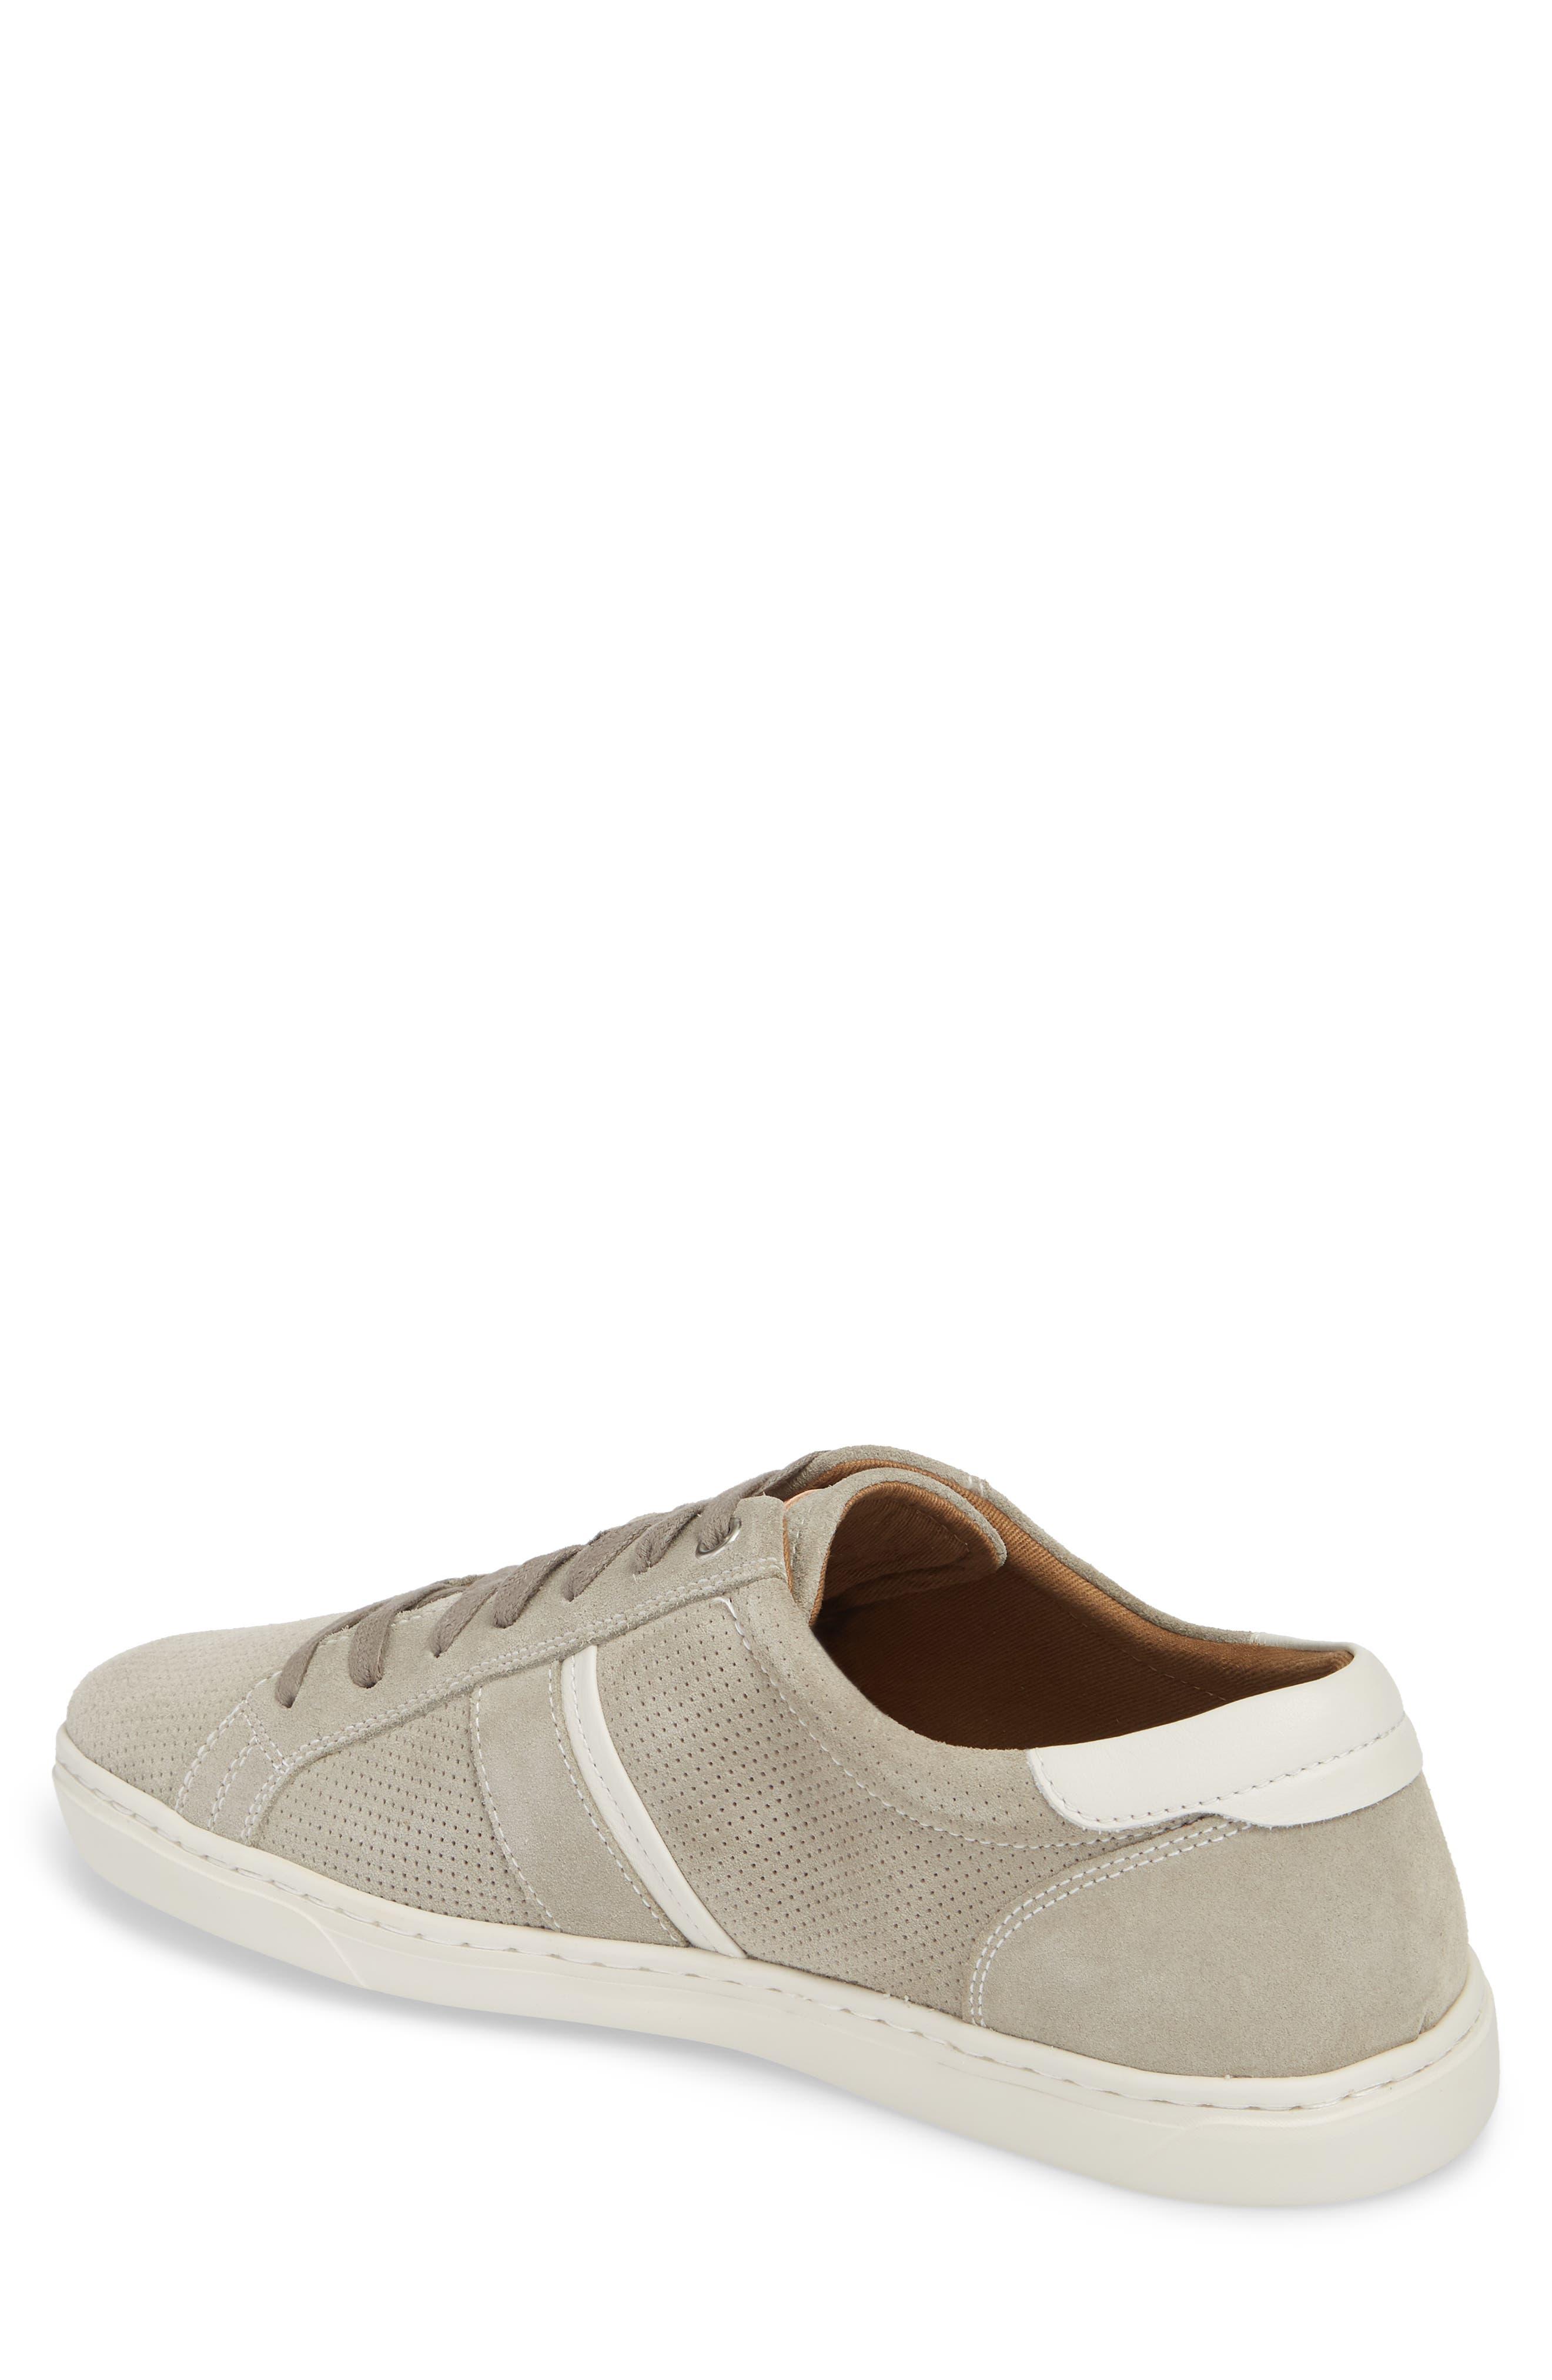 Belfort Perforated Sneaker,                             Alternate thumbnail 2, color,                             020